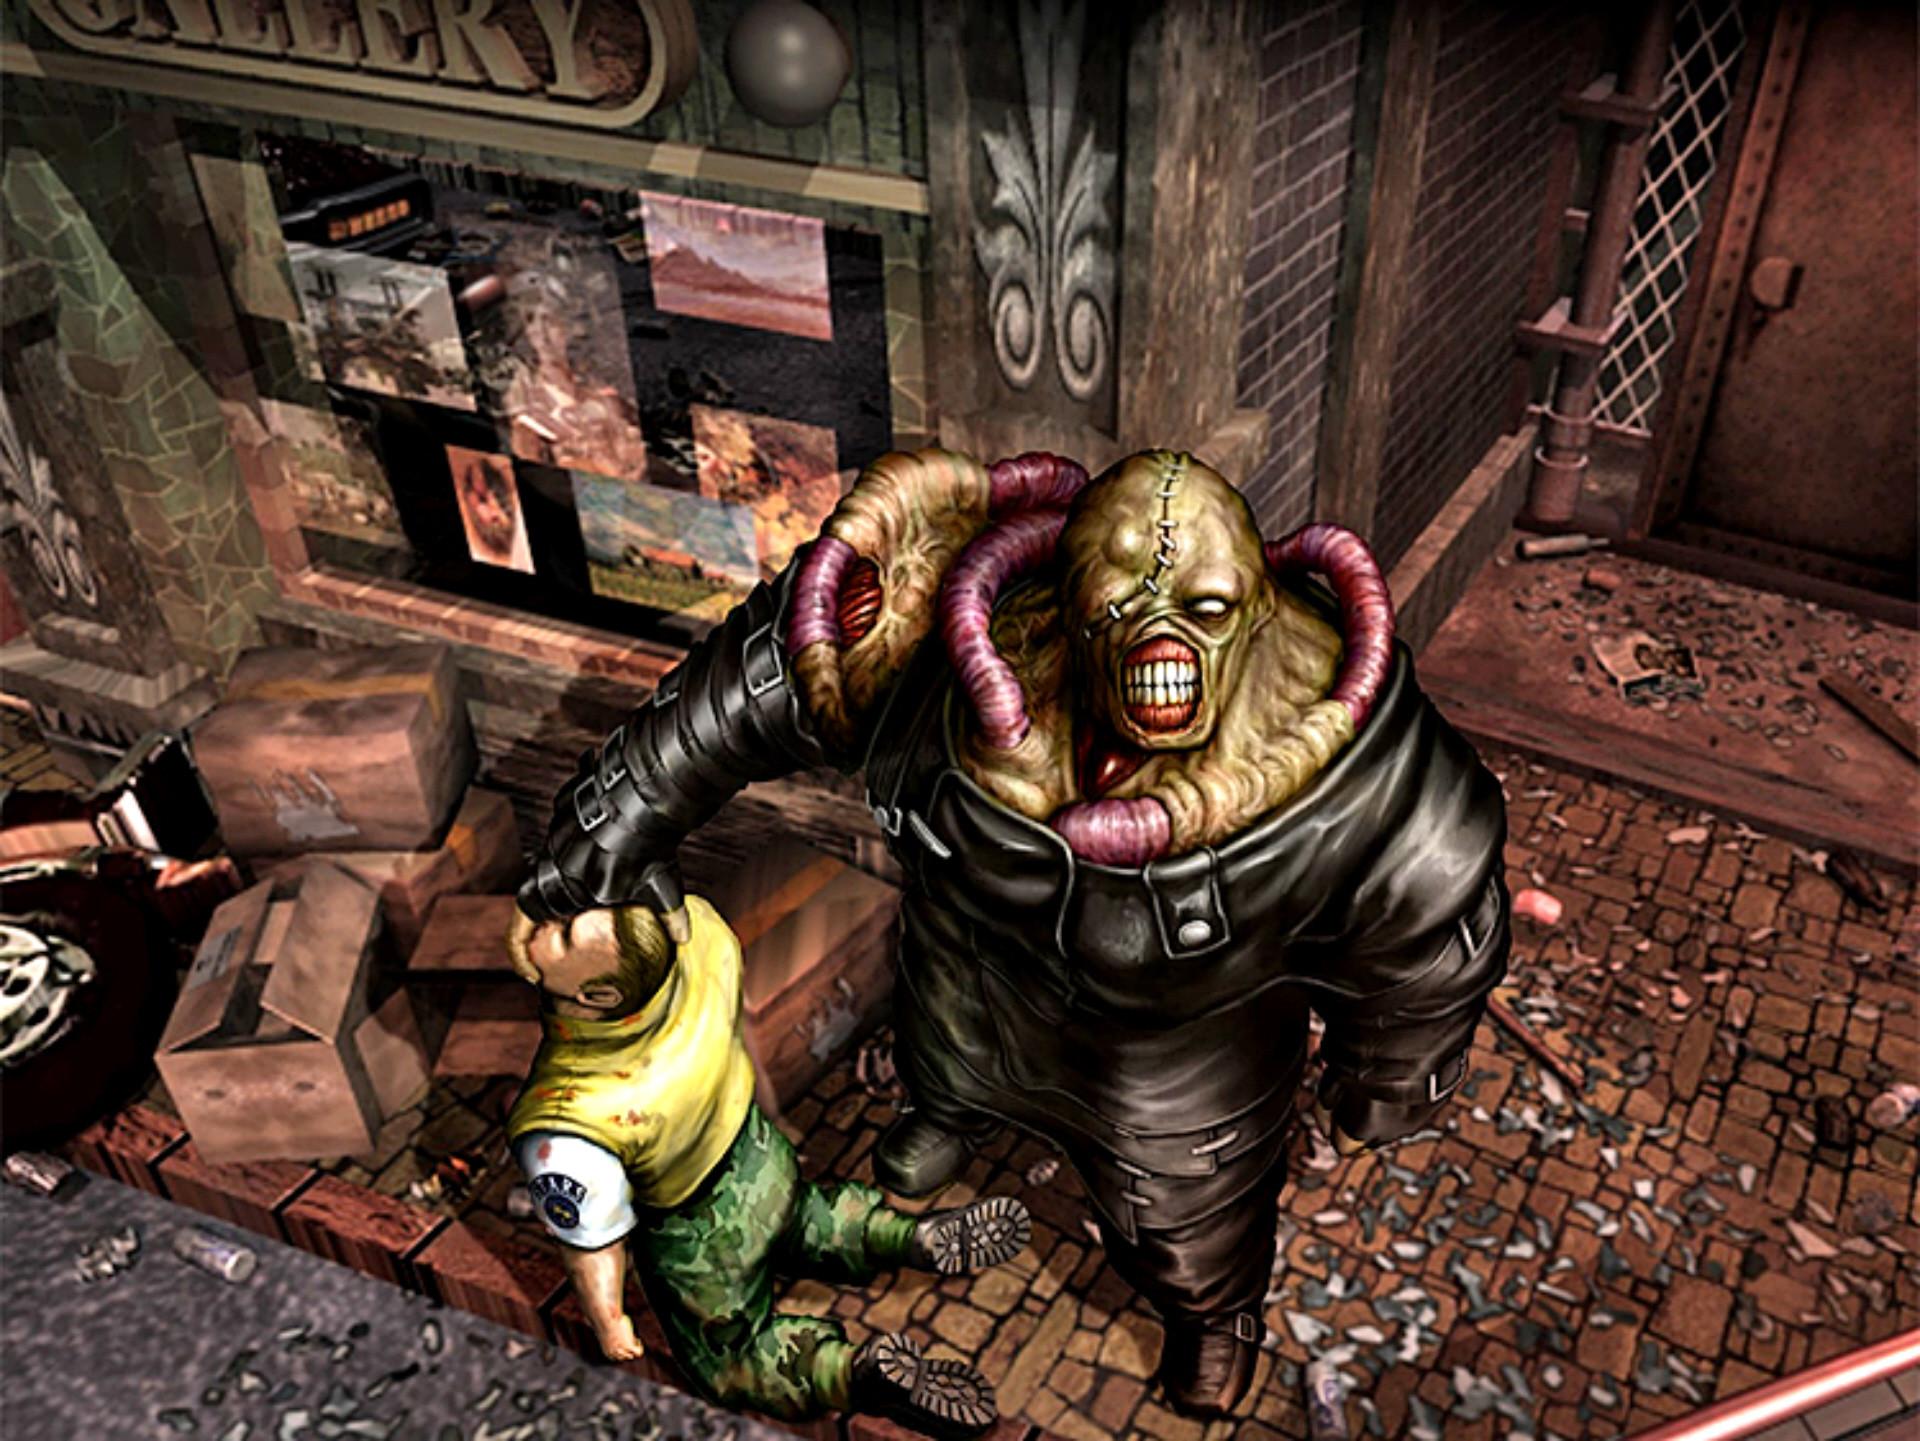 Resident Evil Nemesis Wallpaper 73 images 1920x1441